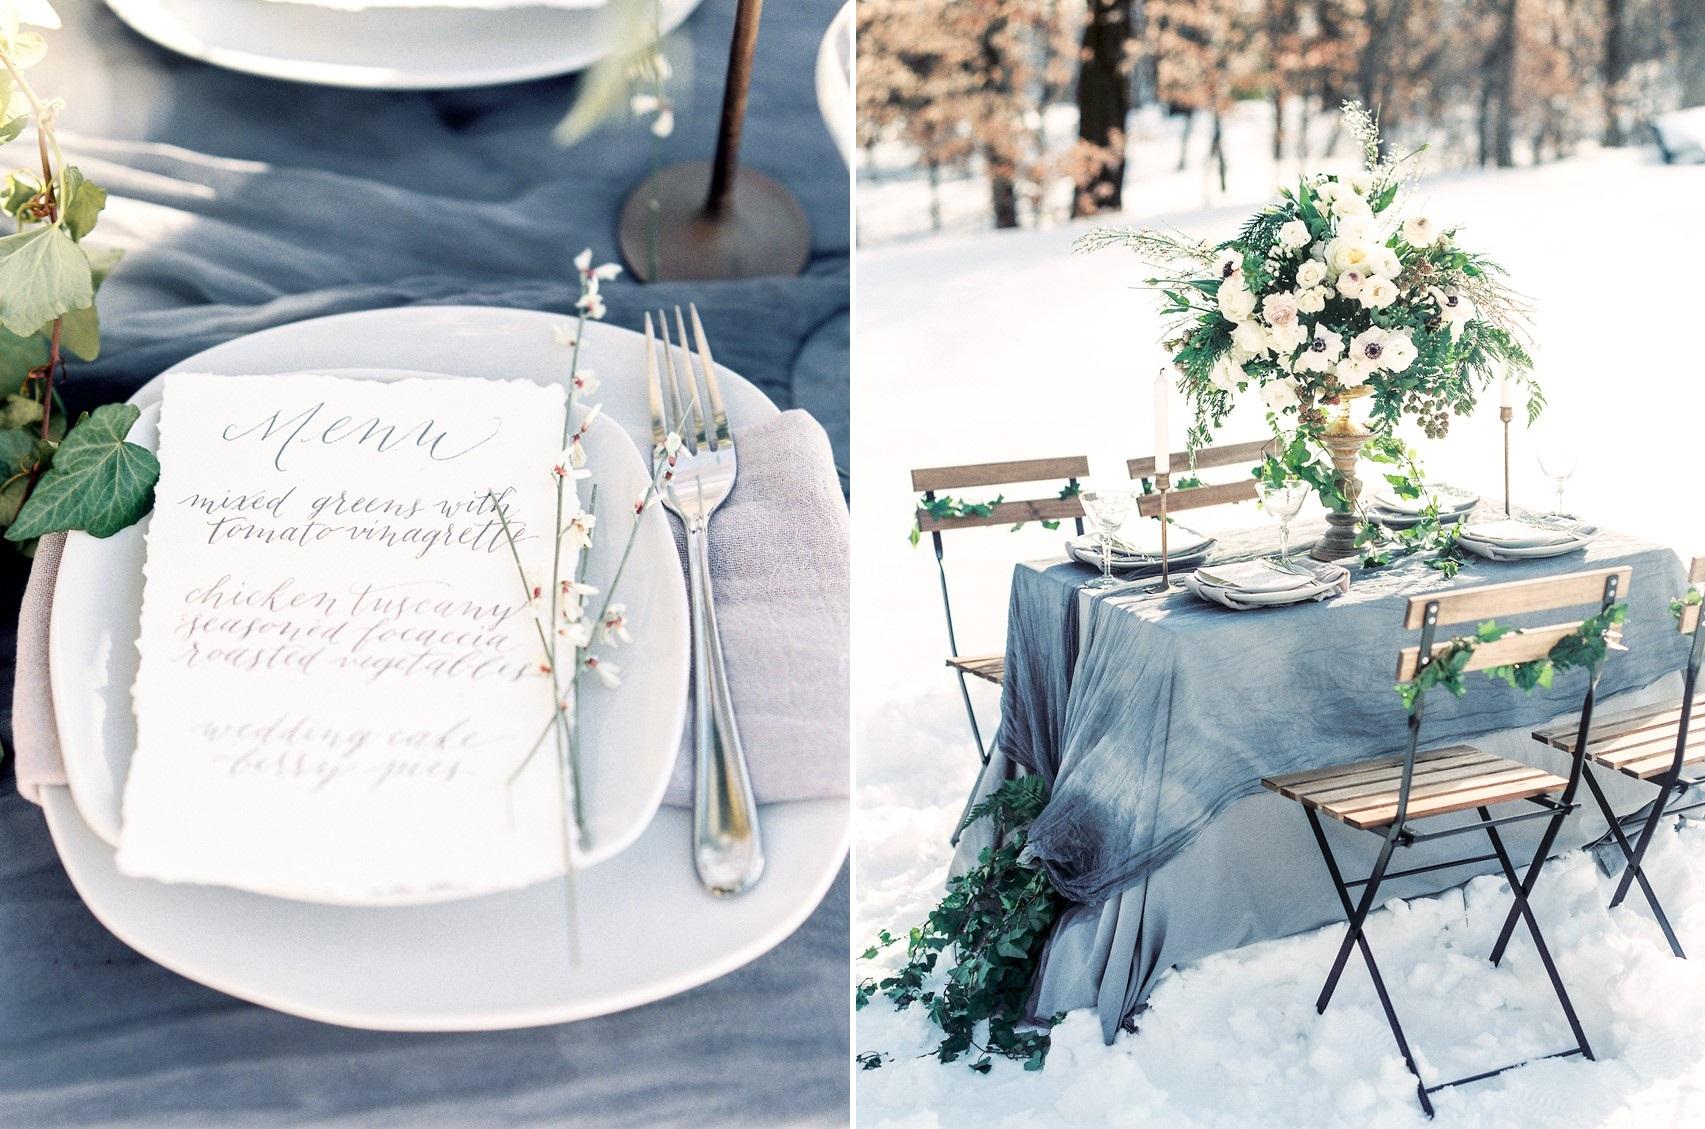 Dusky Blue Winter Wedding Table